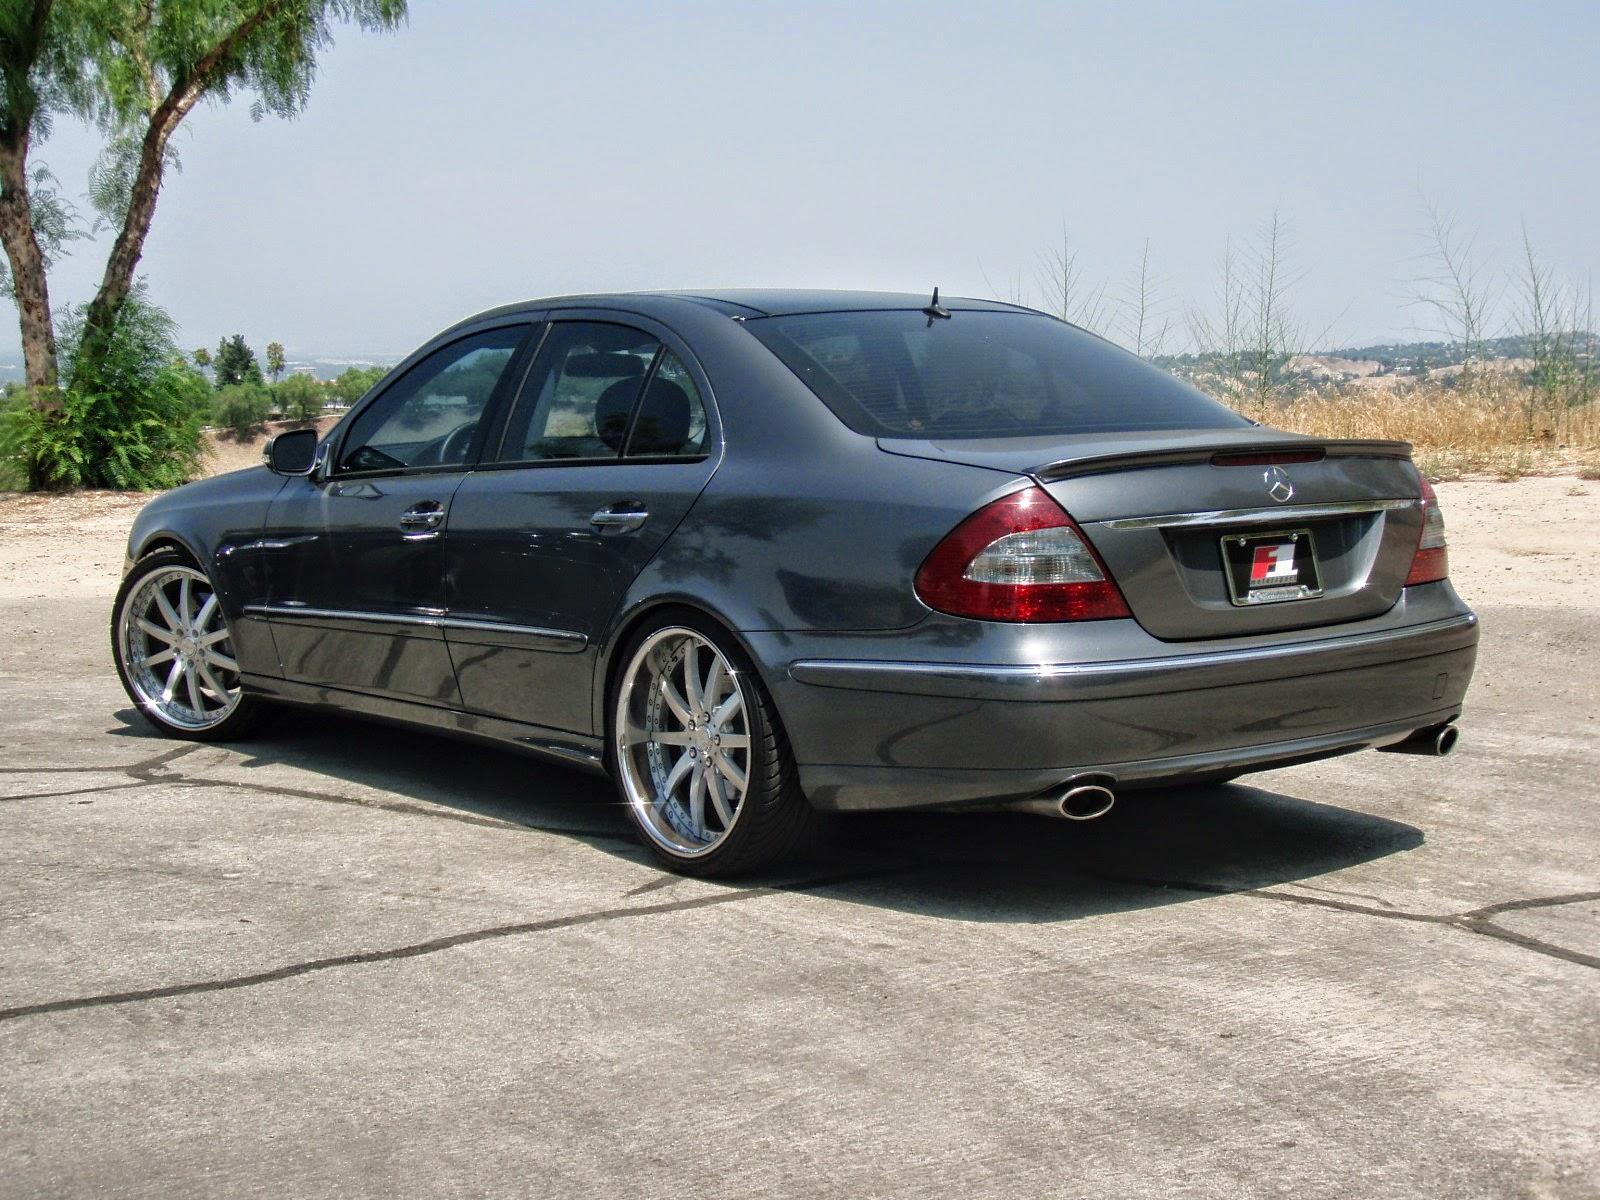 MercedesBenz W211 E350 4matic TUNING BENZTUNING